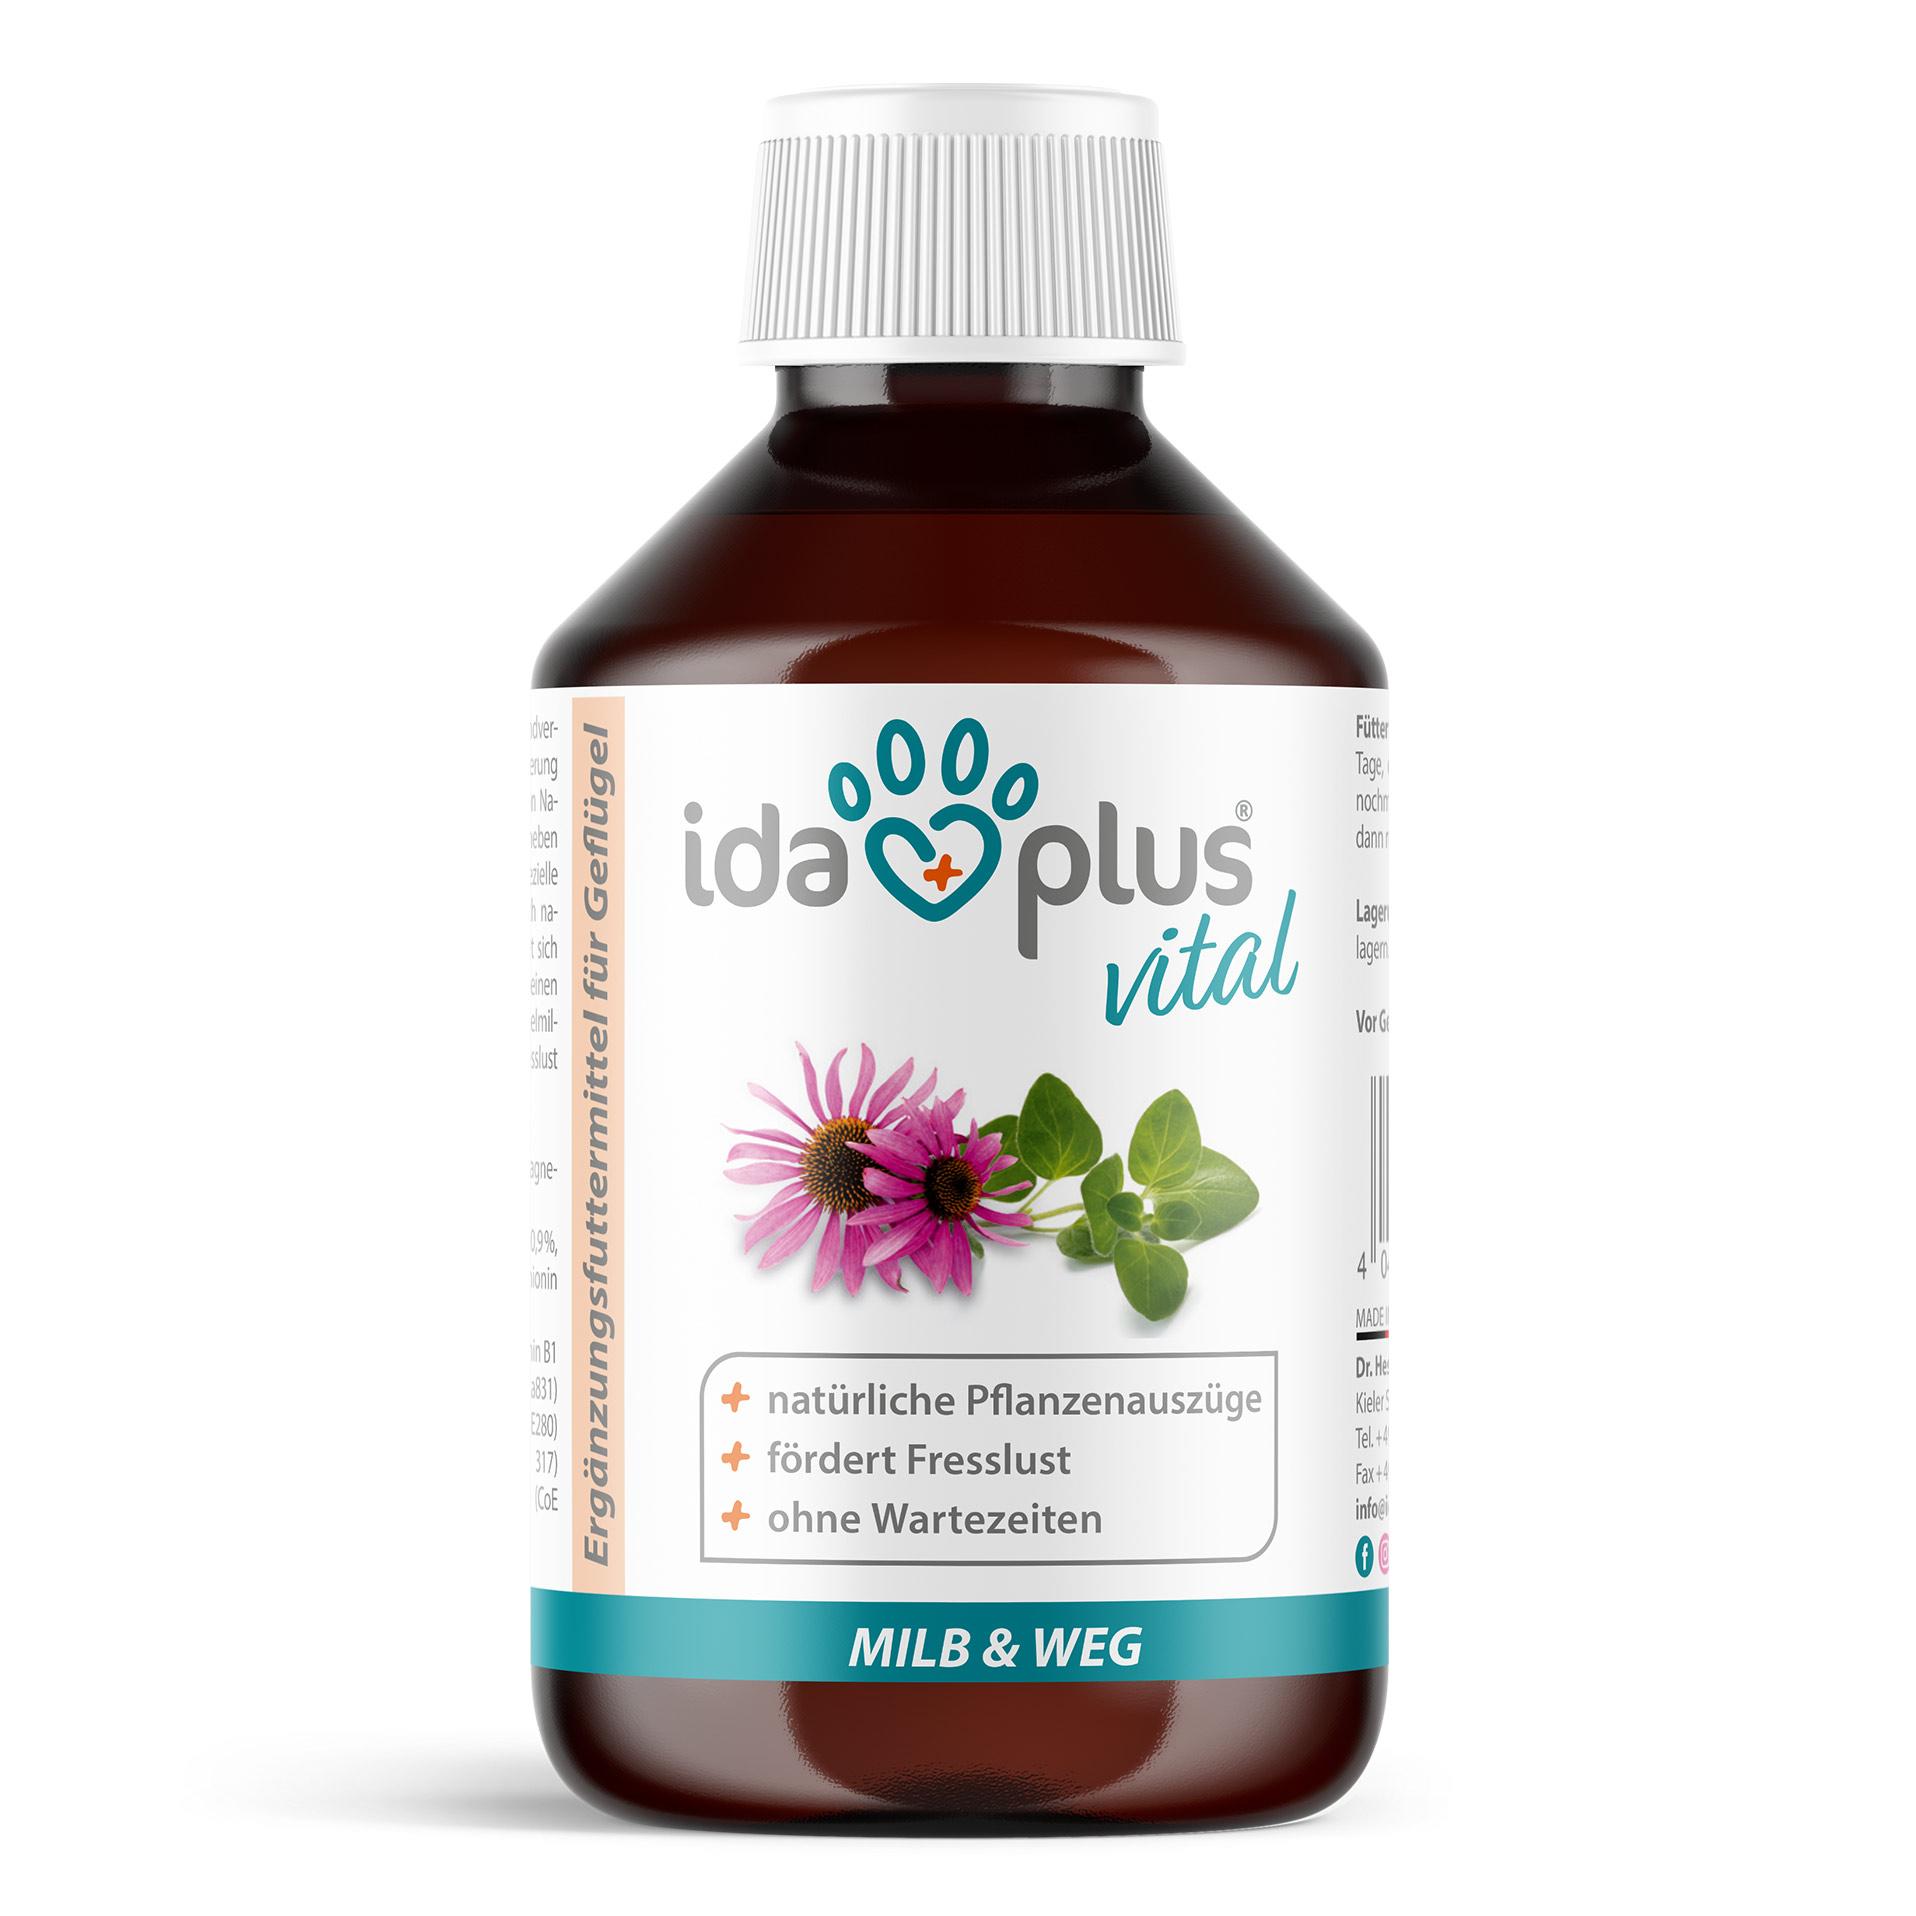 Milb & Weg – Ergänzungsfuttermittel mit natürlichen Pflanzenextrakten - 250 ml